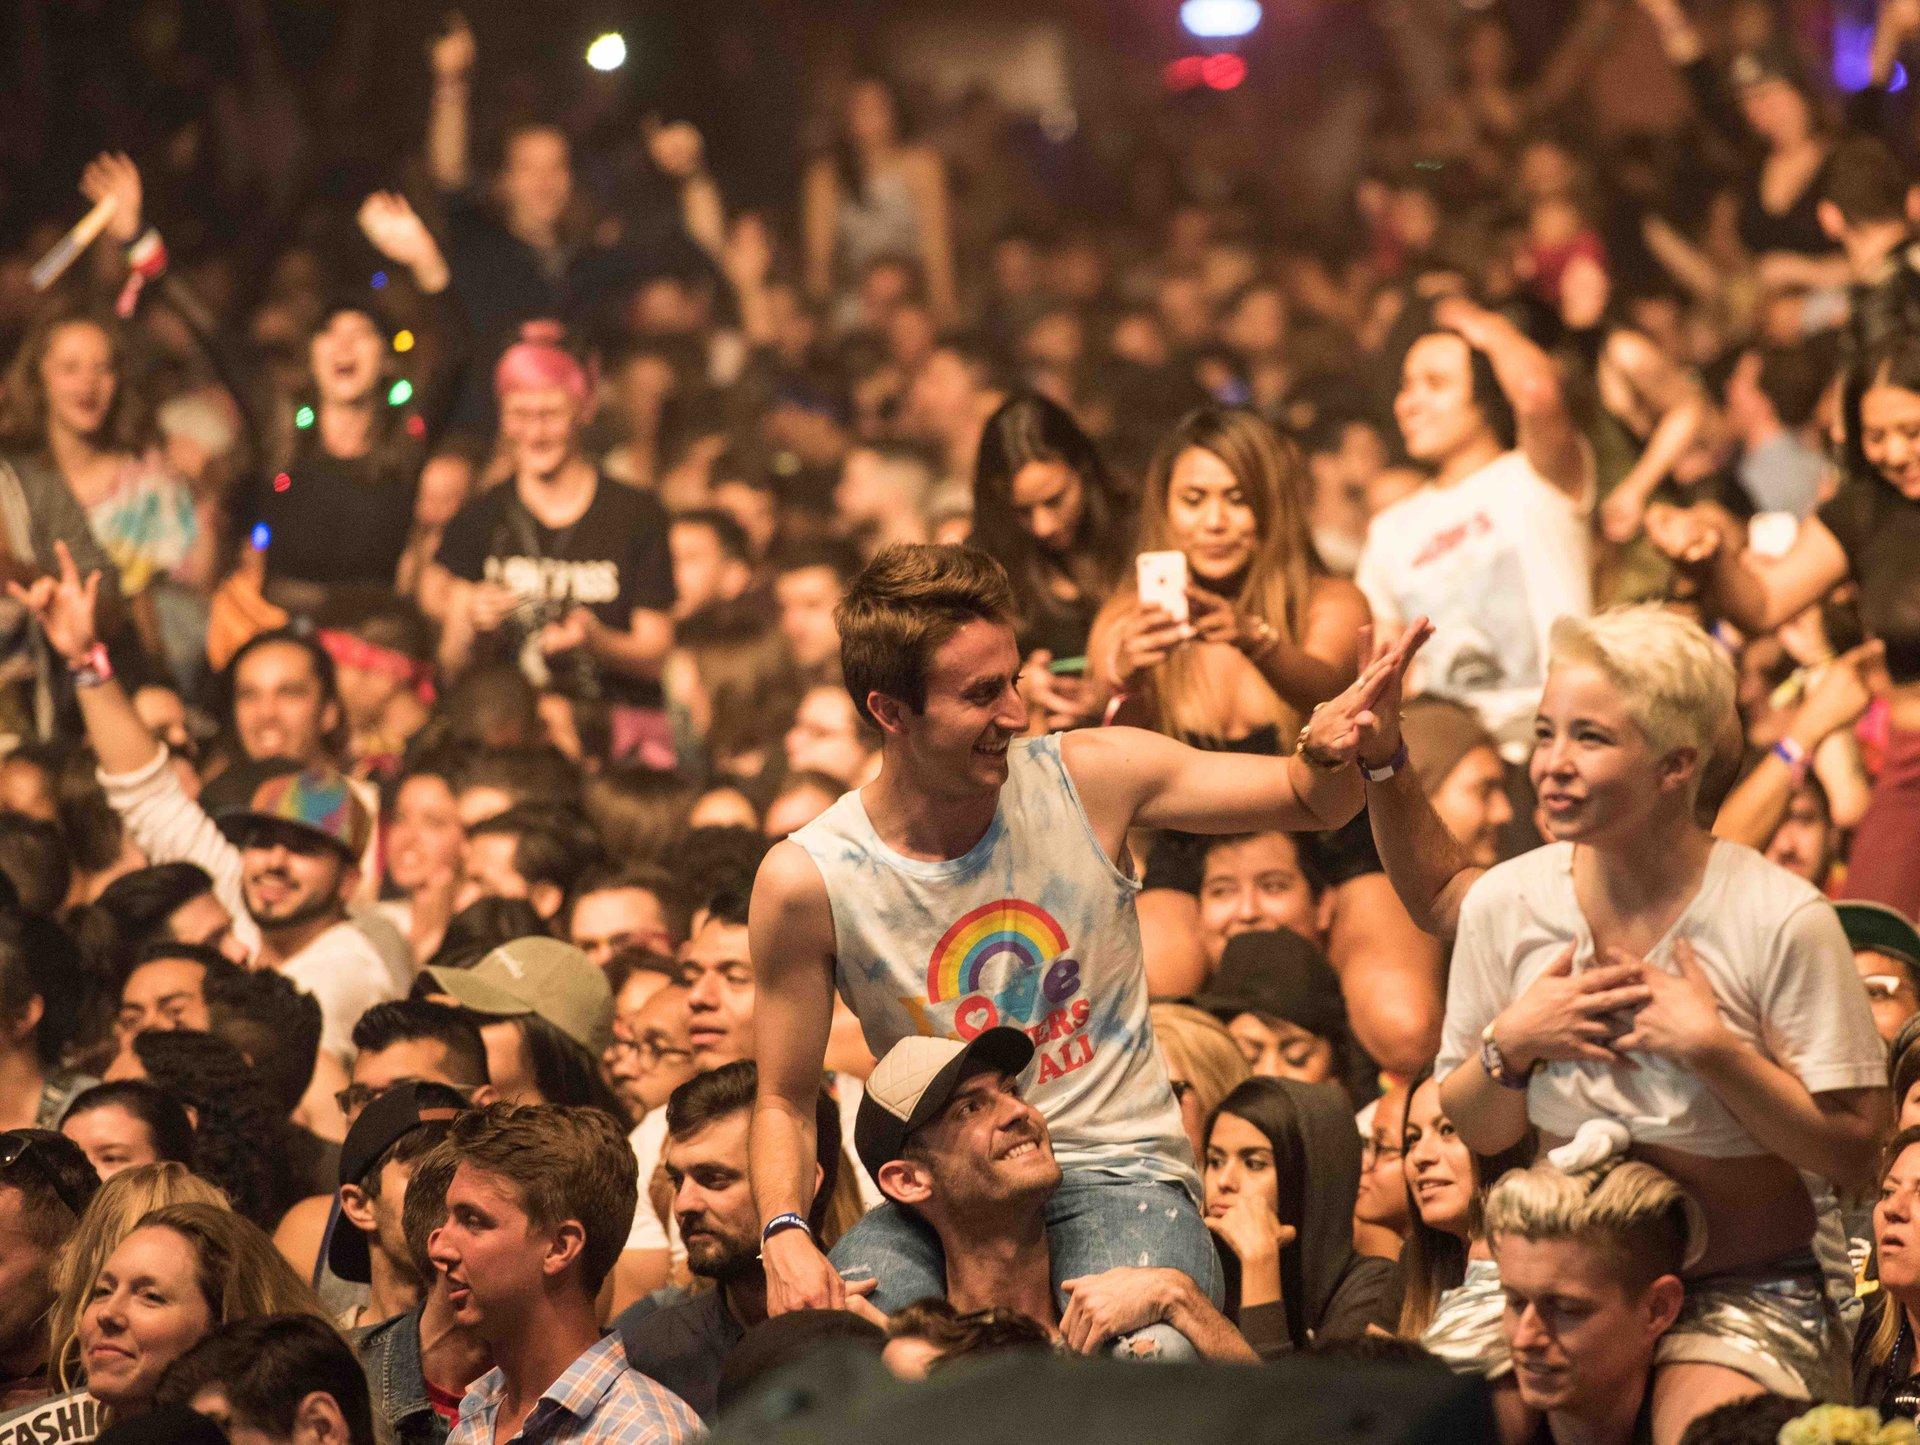 Best time to see LA Pride in Los Angeles 2019